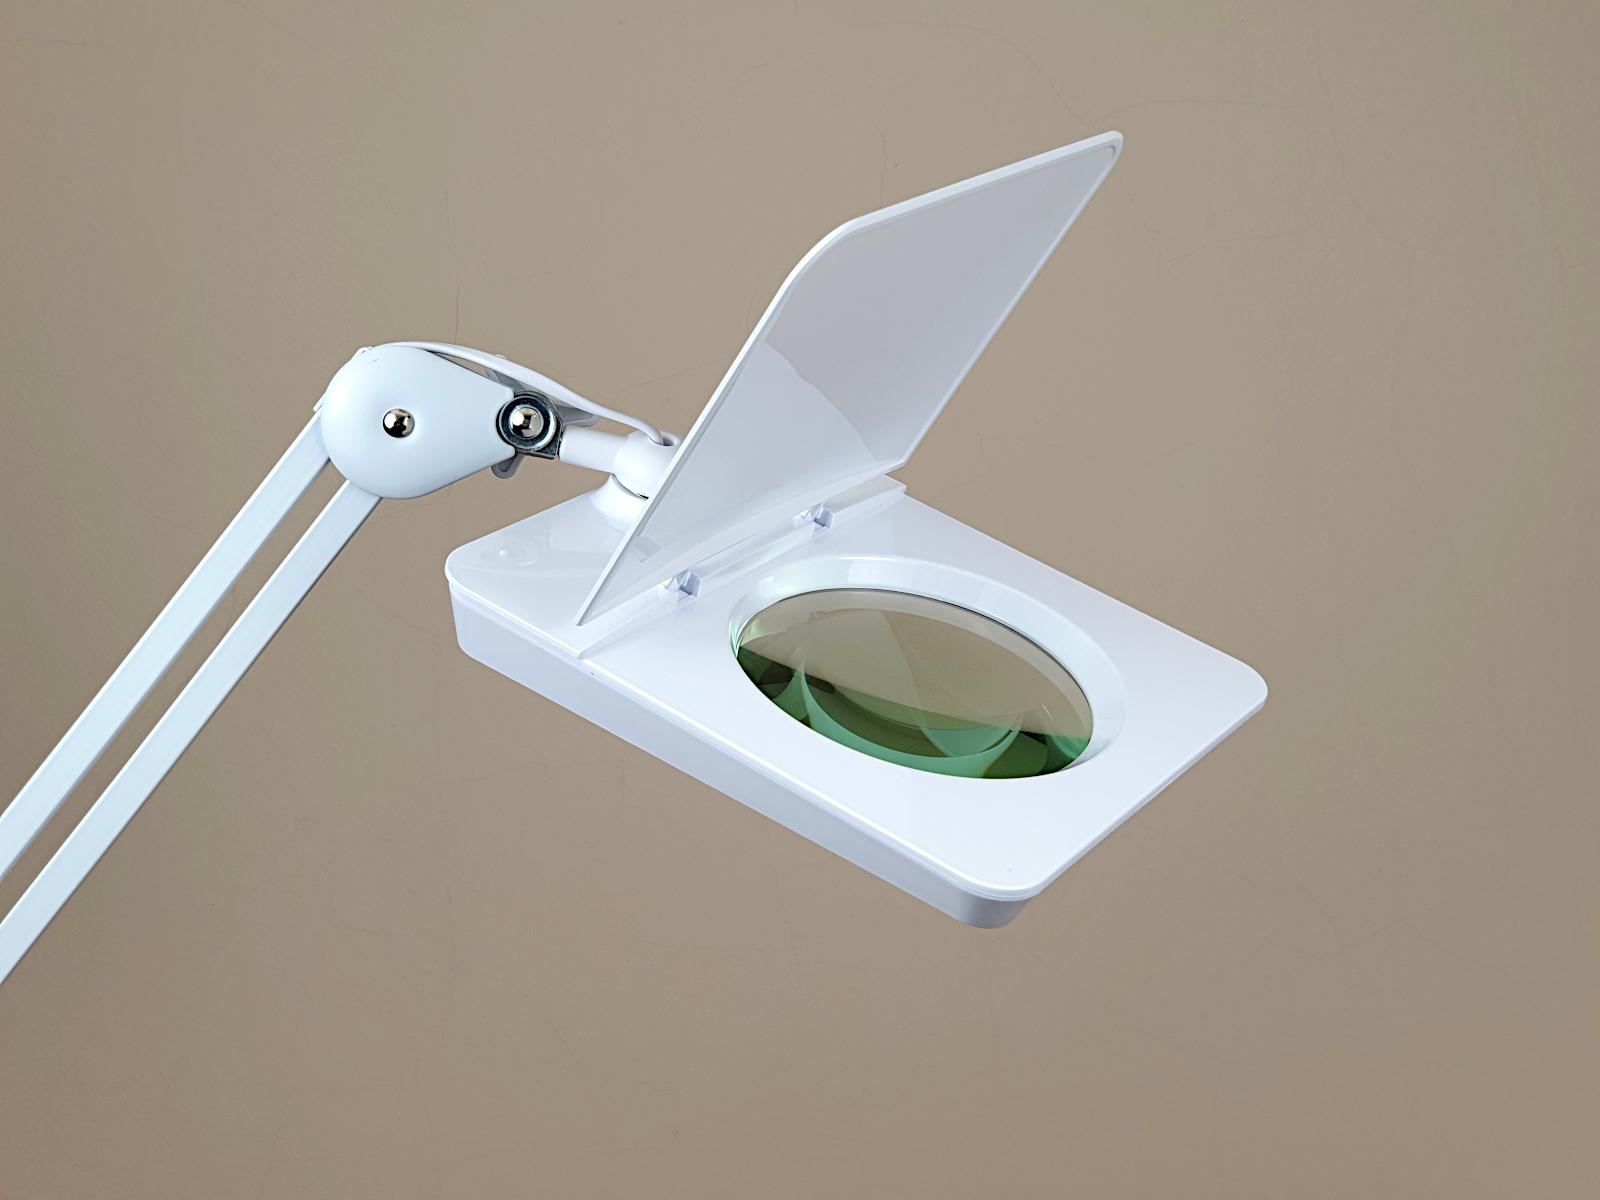 Wandhalterung für Lupenleuchten mit Gelenkarm passend für Schreibtischlampen